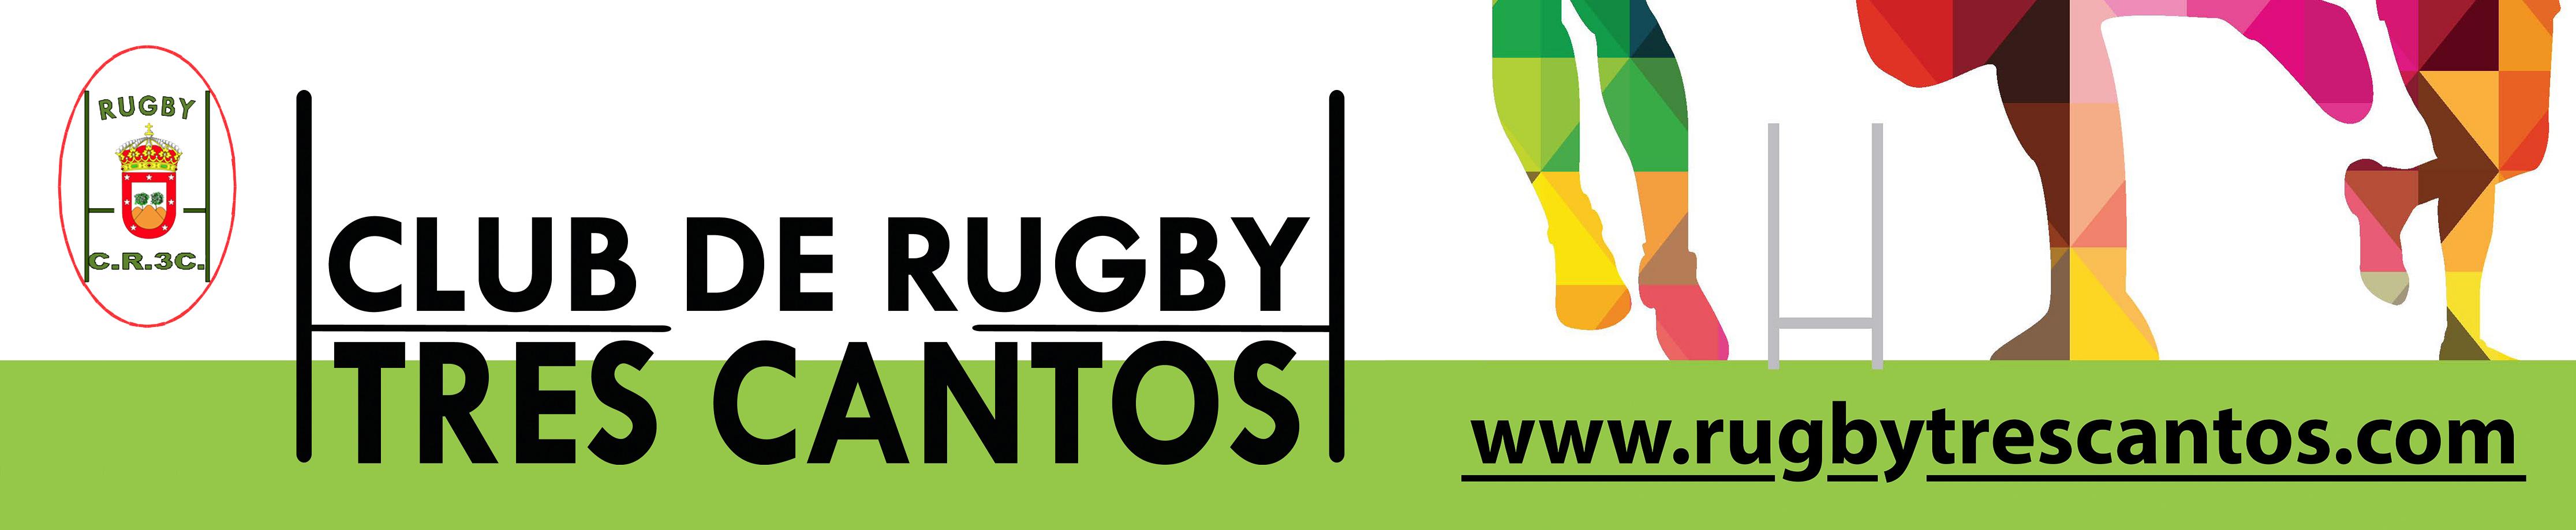 Club de Rugby Tres Cantos